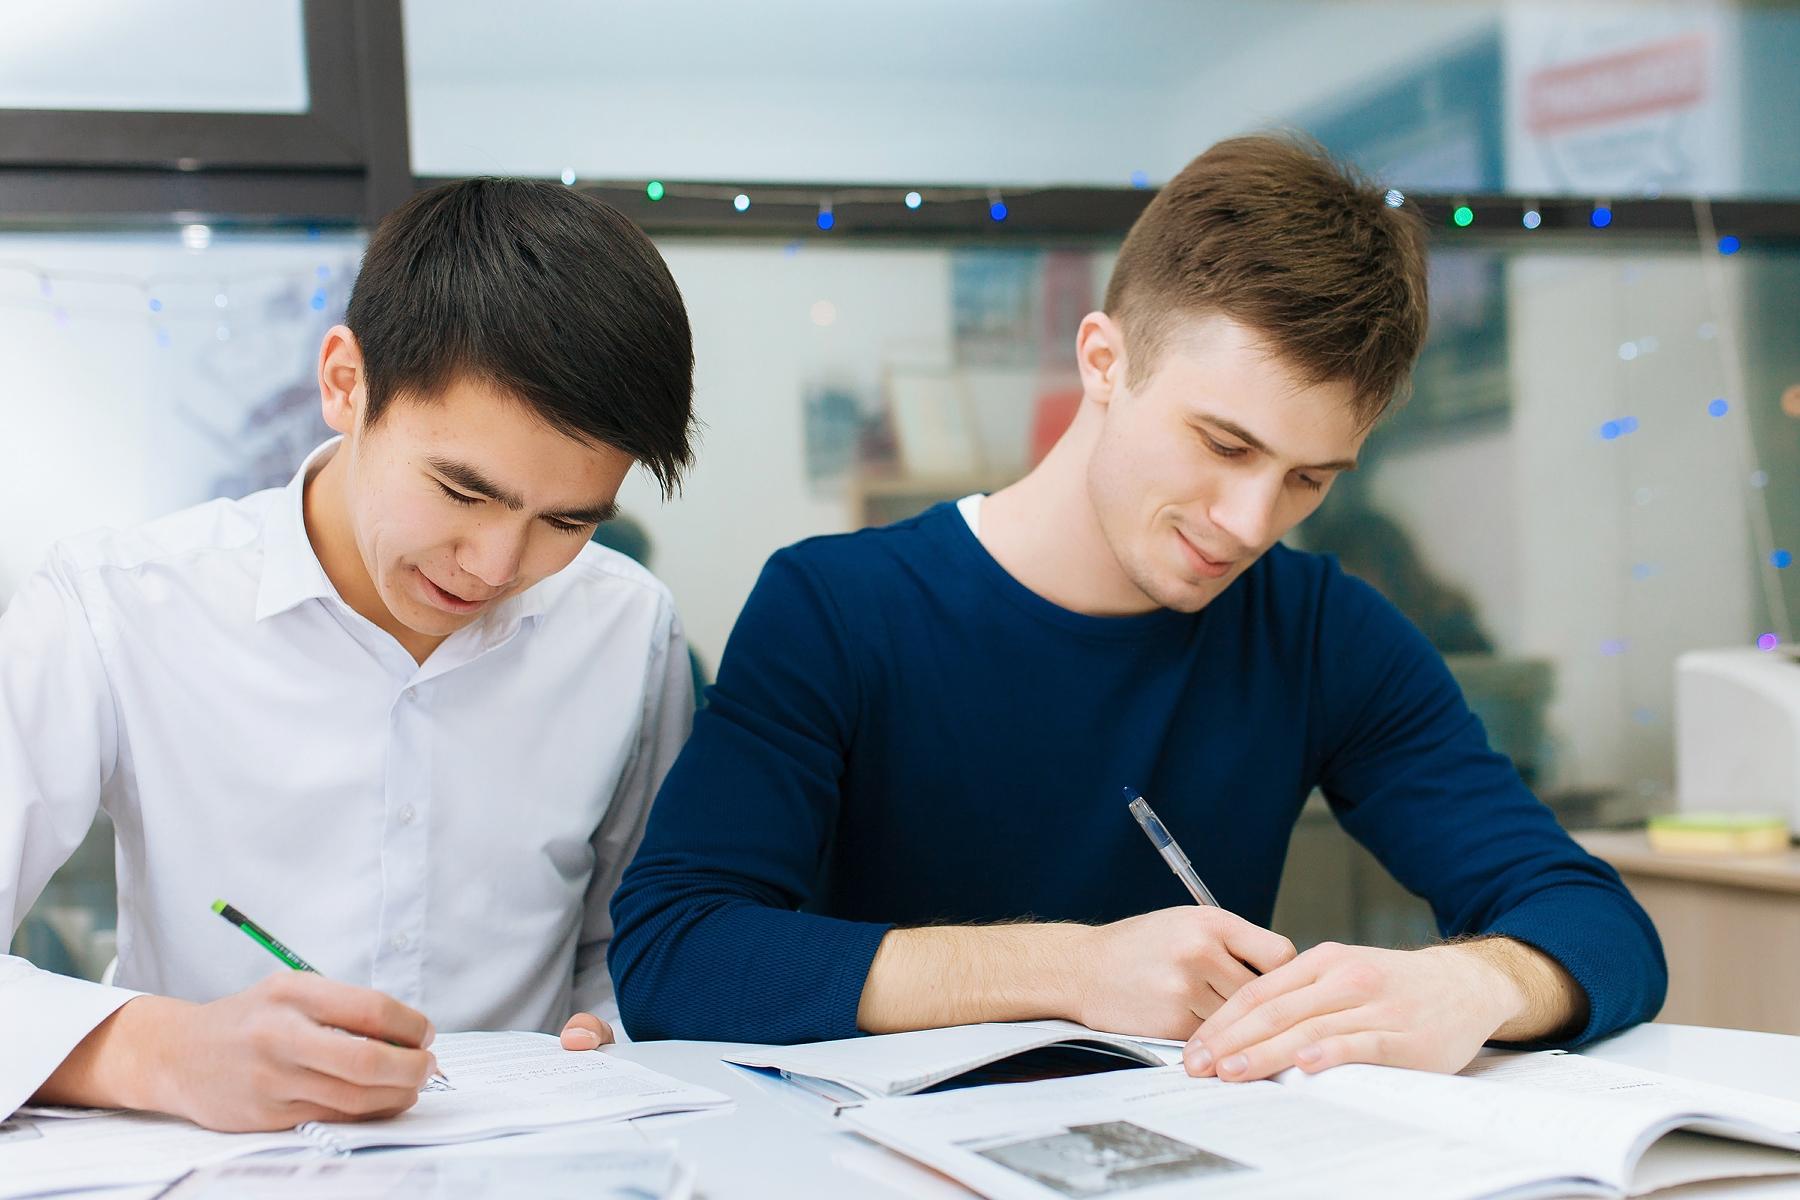 Студент:- легко сдадите экзамен по английскому и поступите в магистратуру или резидентуру на грант;- поедете на семестр за рубеж по программе мобильности;- сможете поступить в магистратуру за рубеж и выиграть скидку или грант на обучение, доступные для иностраных студентов